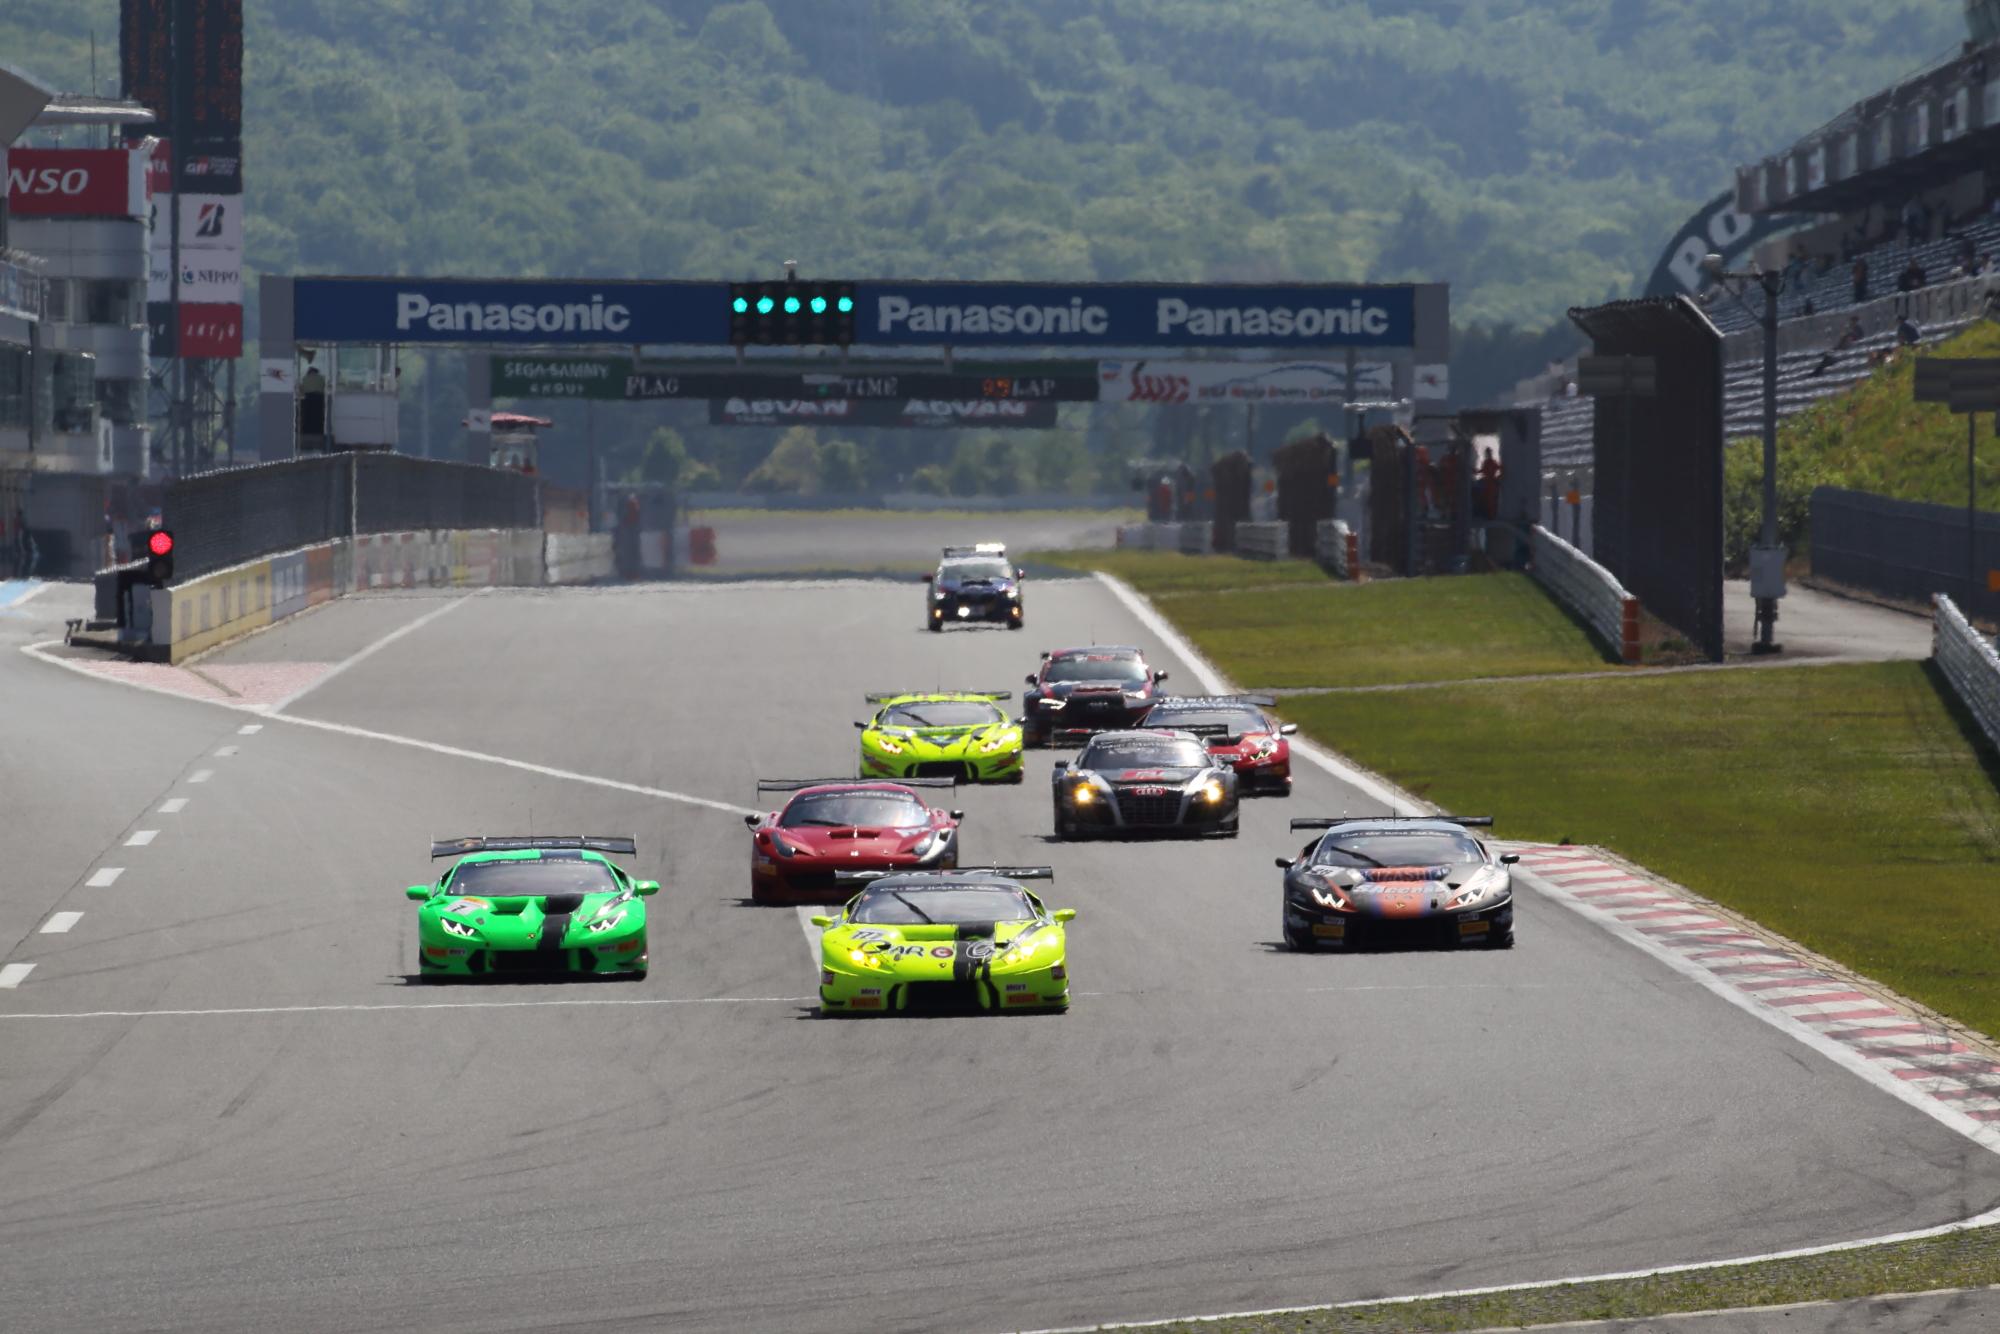 賞金総額1億円! 誰もが輝ける&チャンスが広がるレースが始まる【FUSION COIN SUPER CAR RACE SERIES】